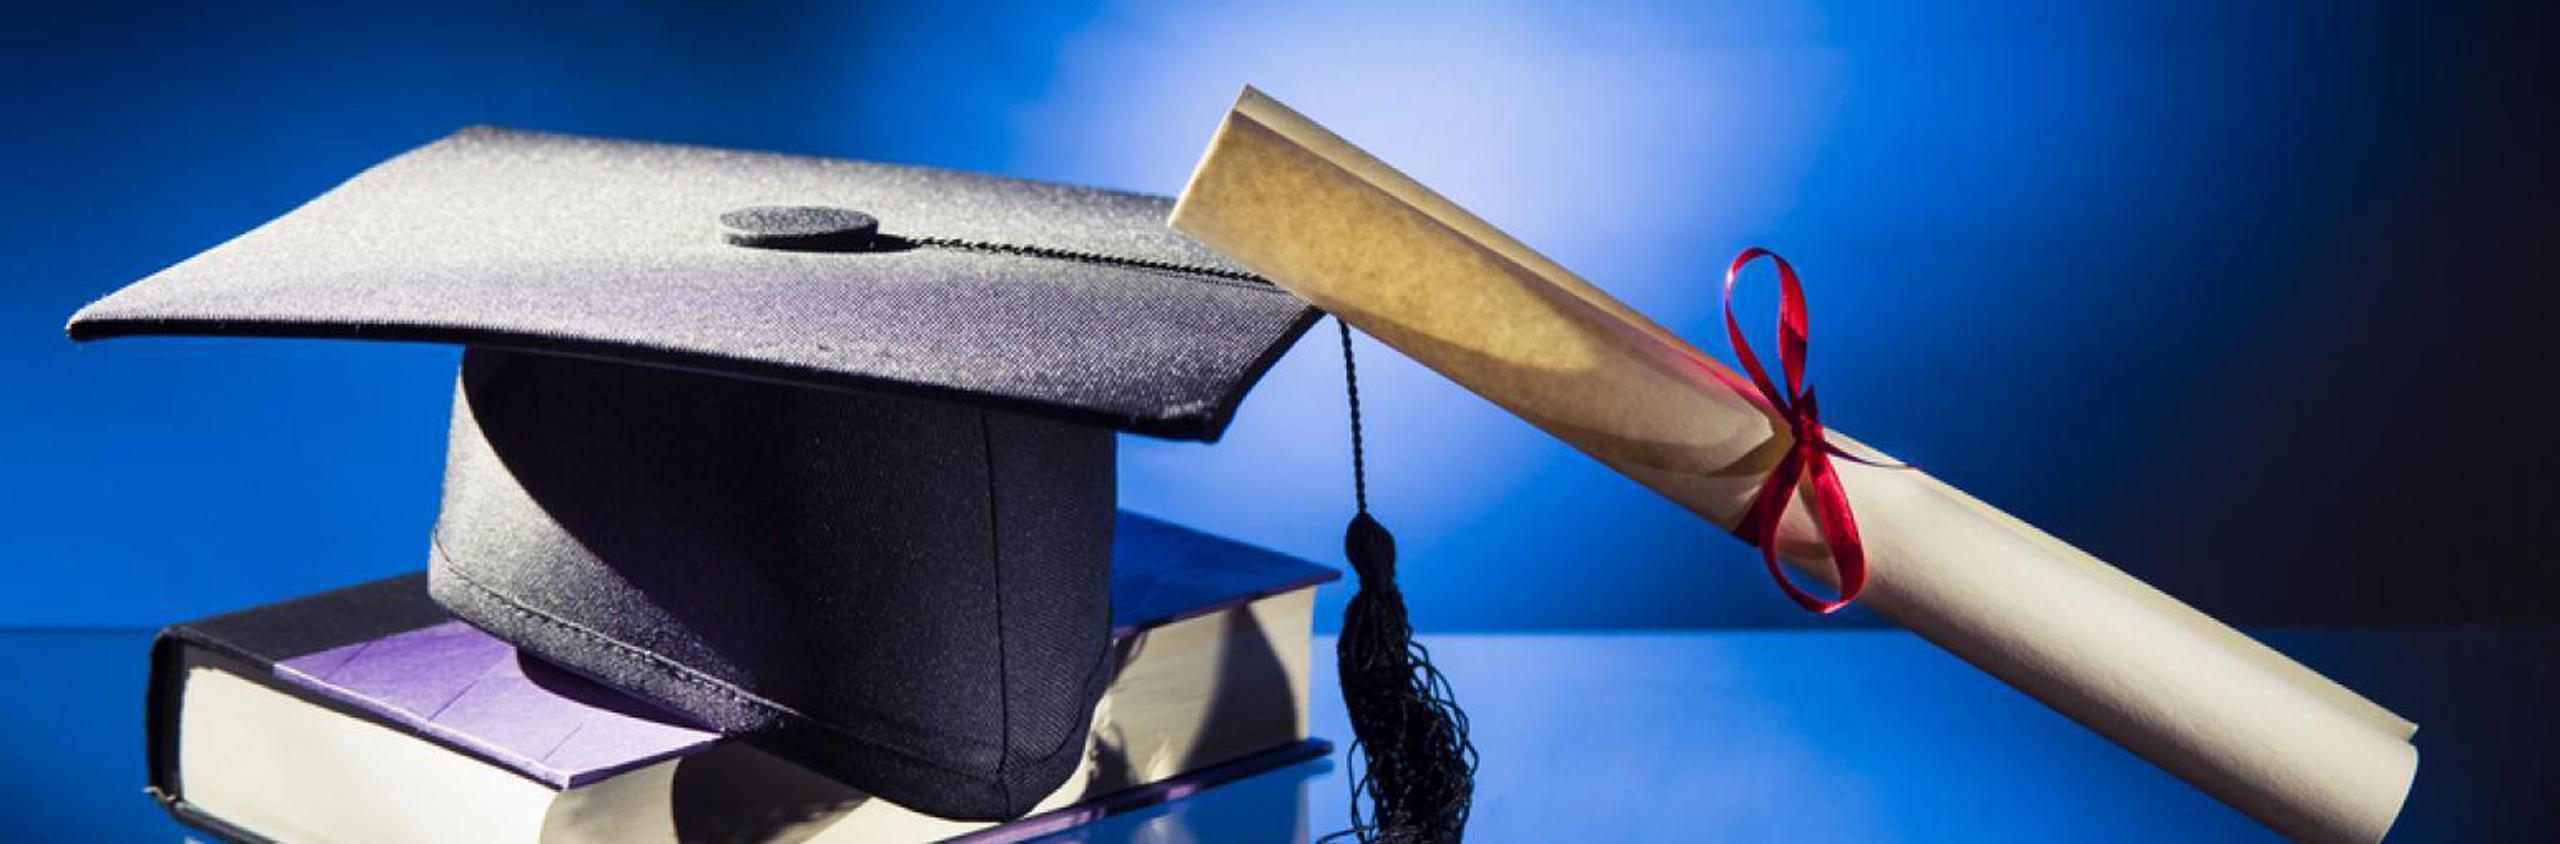 graduation-wallpaper8.jpg